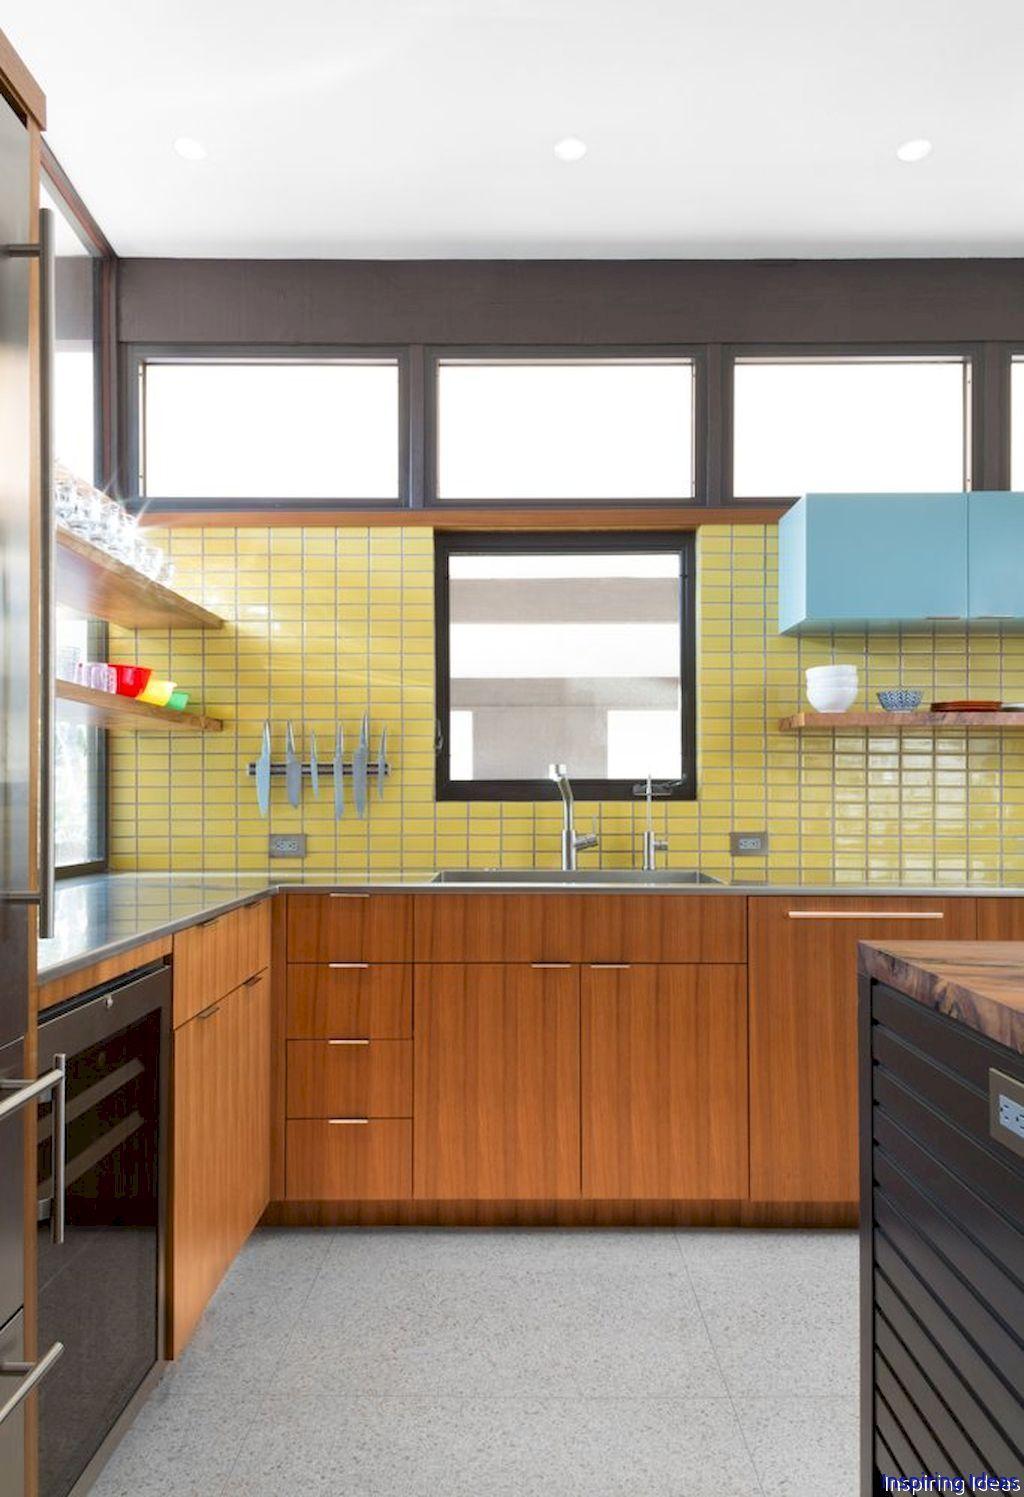 75 Stunning Midcentury Modern Kitchen Backsplash Design